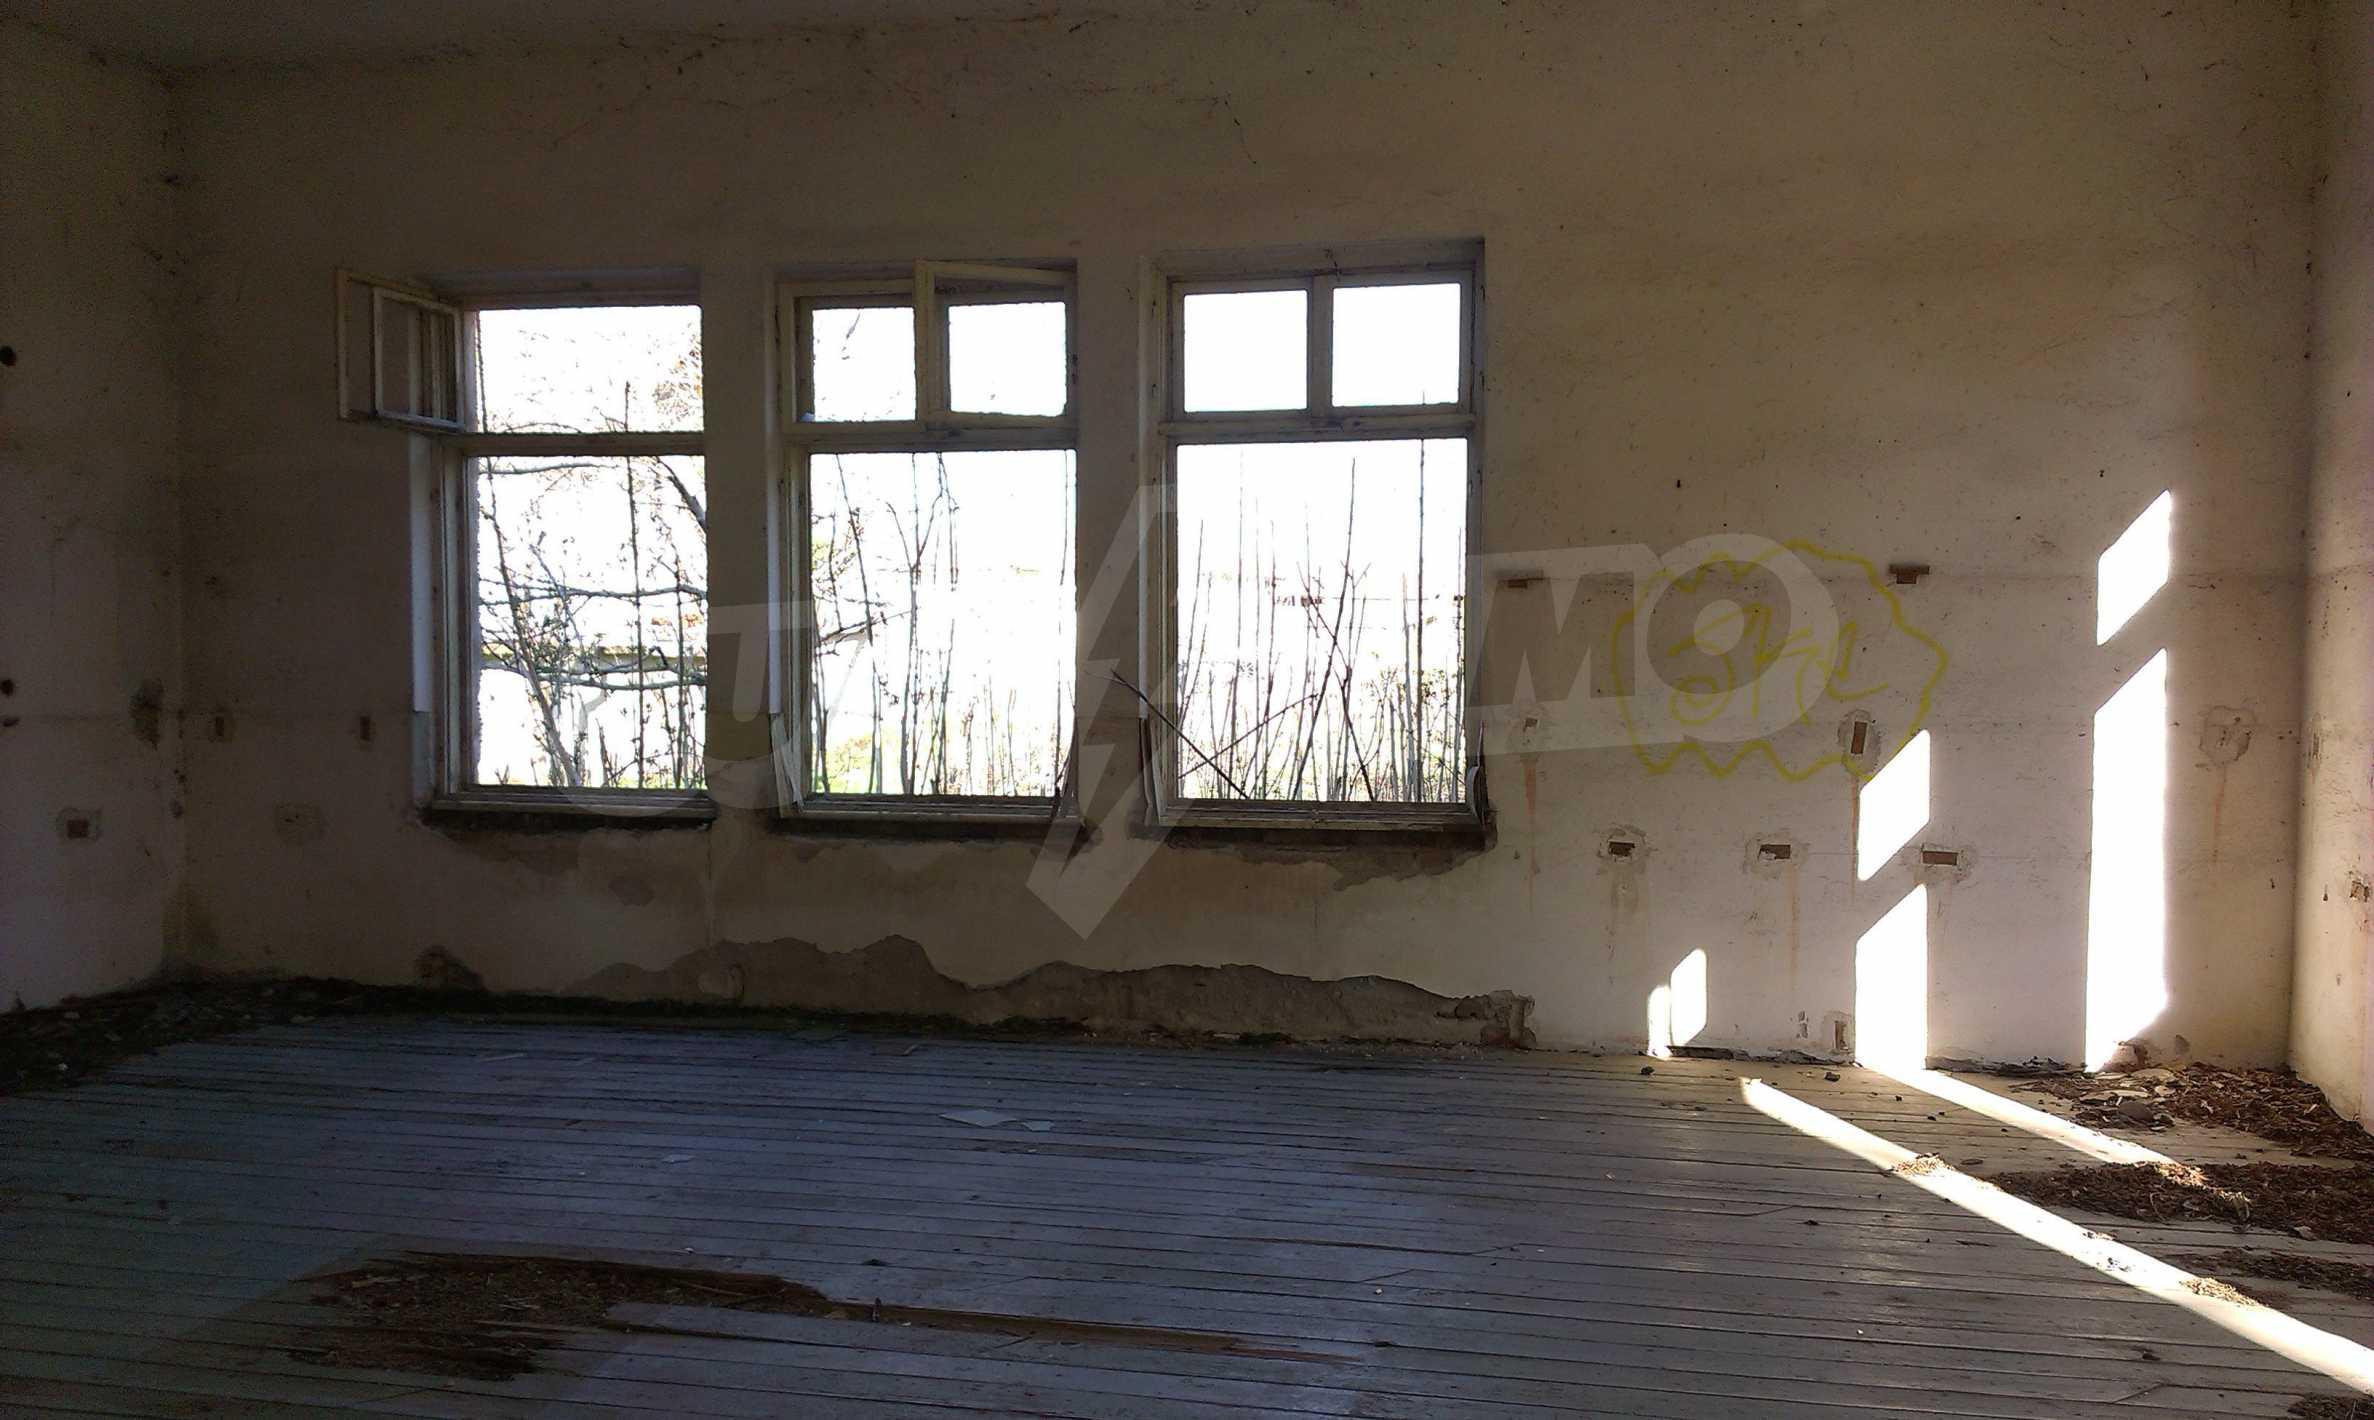 Zwei massive Gebäude auf einem großen Grundstück 35 km von der Stadt Russe und der Donau entfernt 44